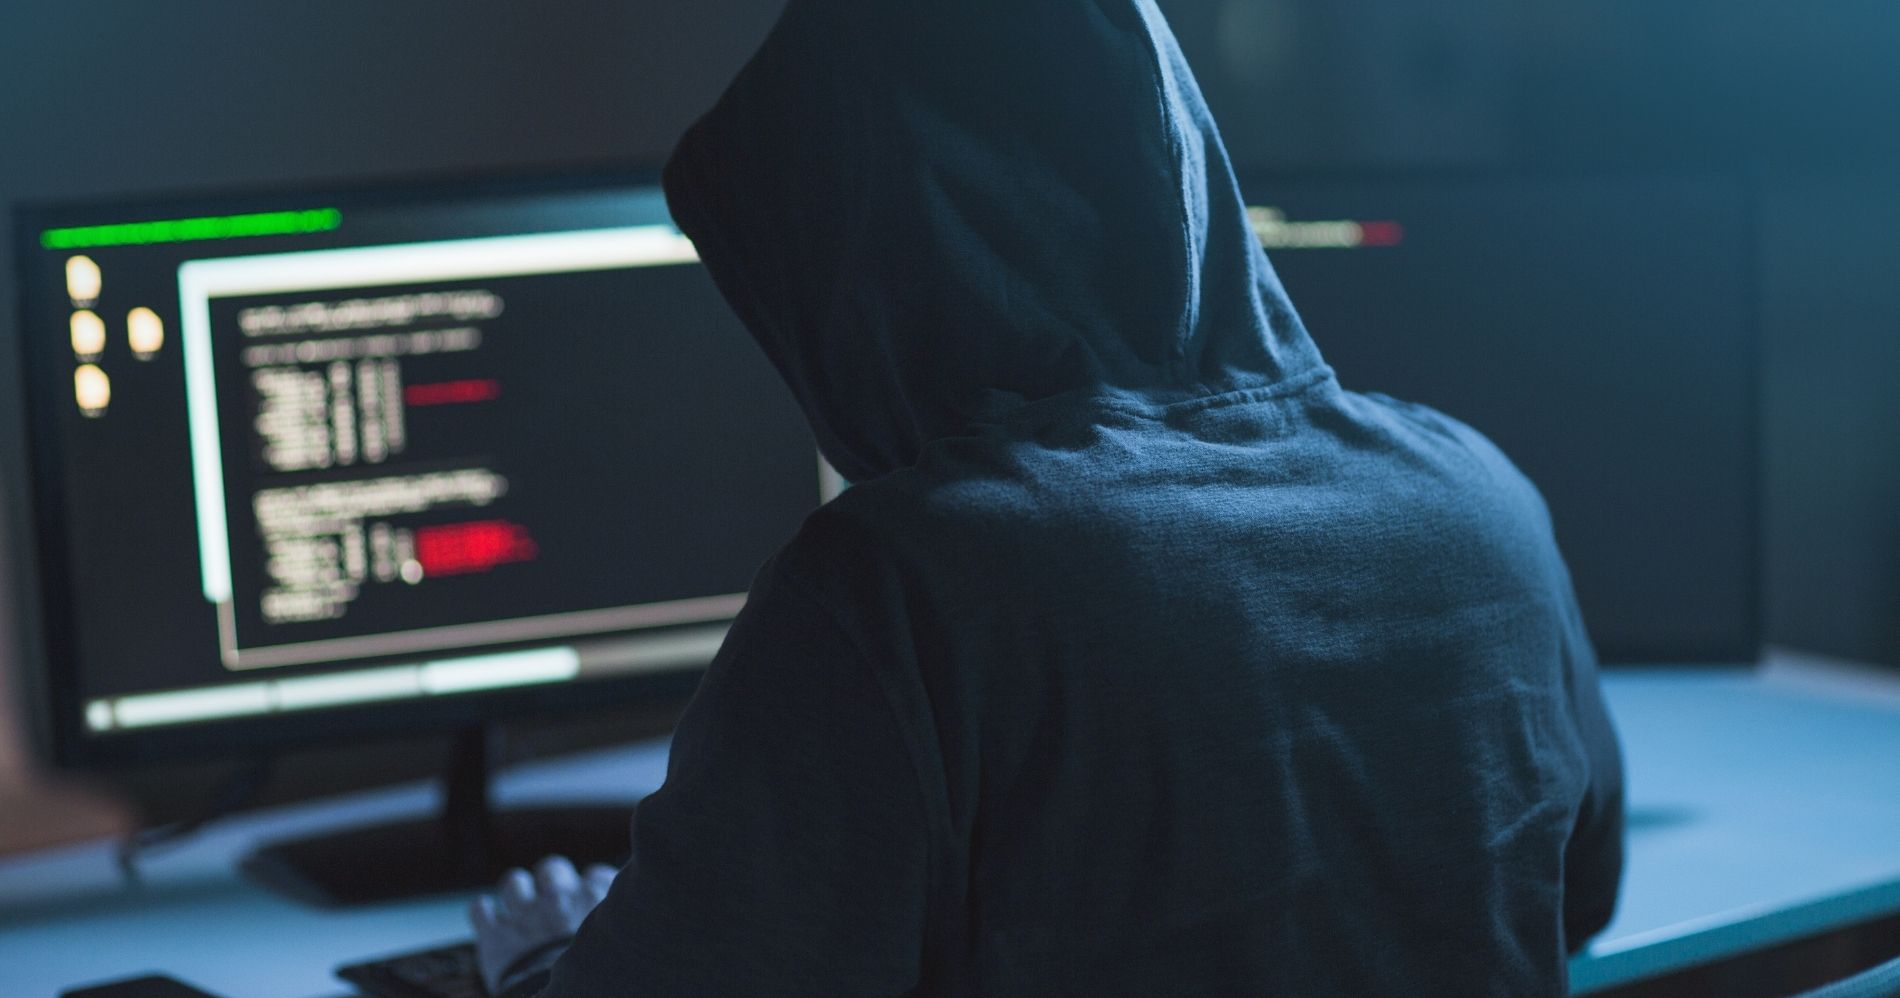 Adanya Hacker yang Merusak Harga Uang Digital   Koran Crypto